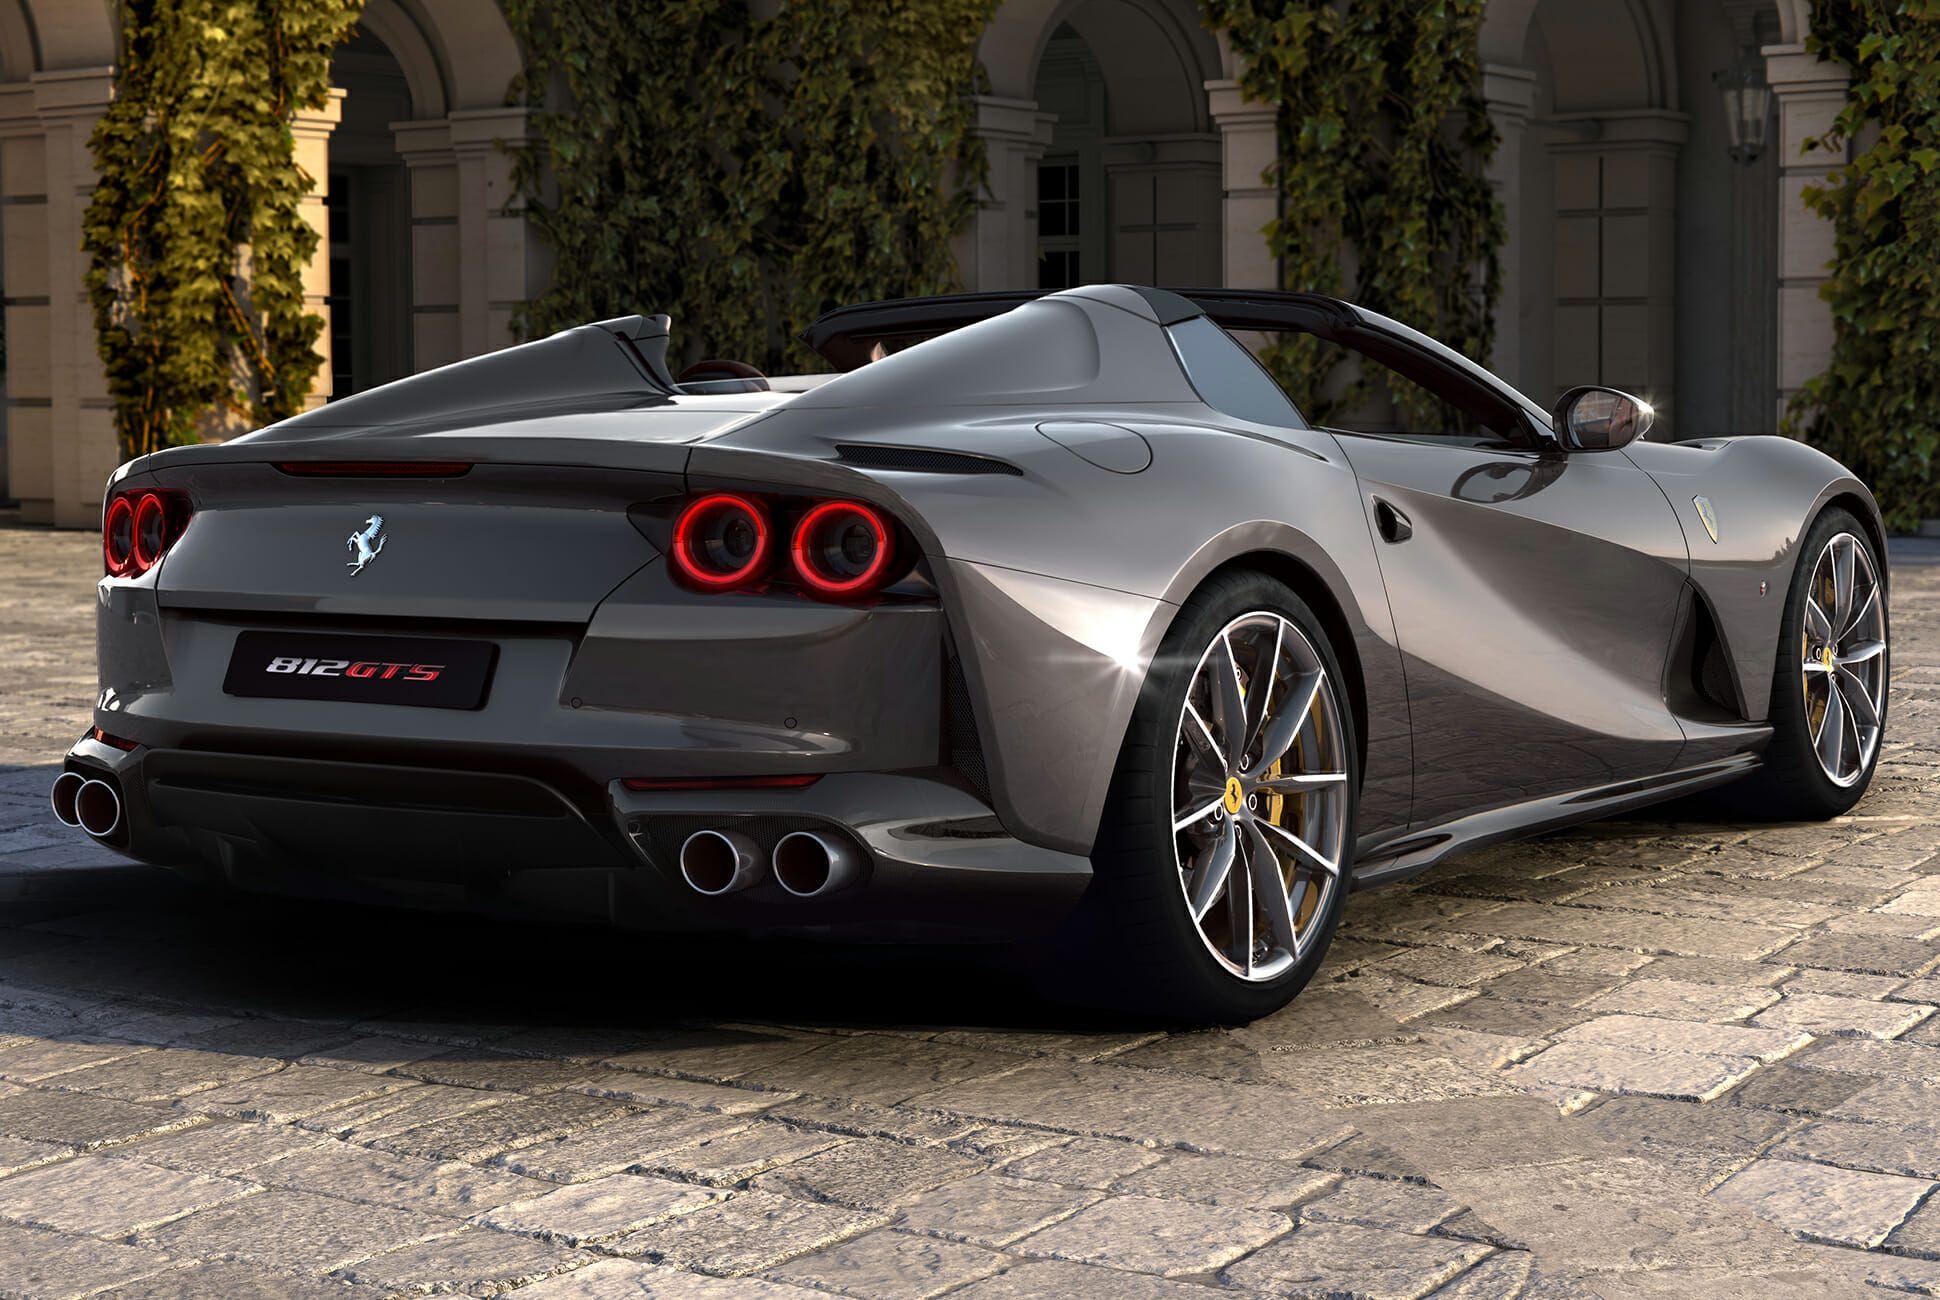 Ferrari-GTS-gear-patrol-slide-02